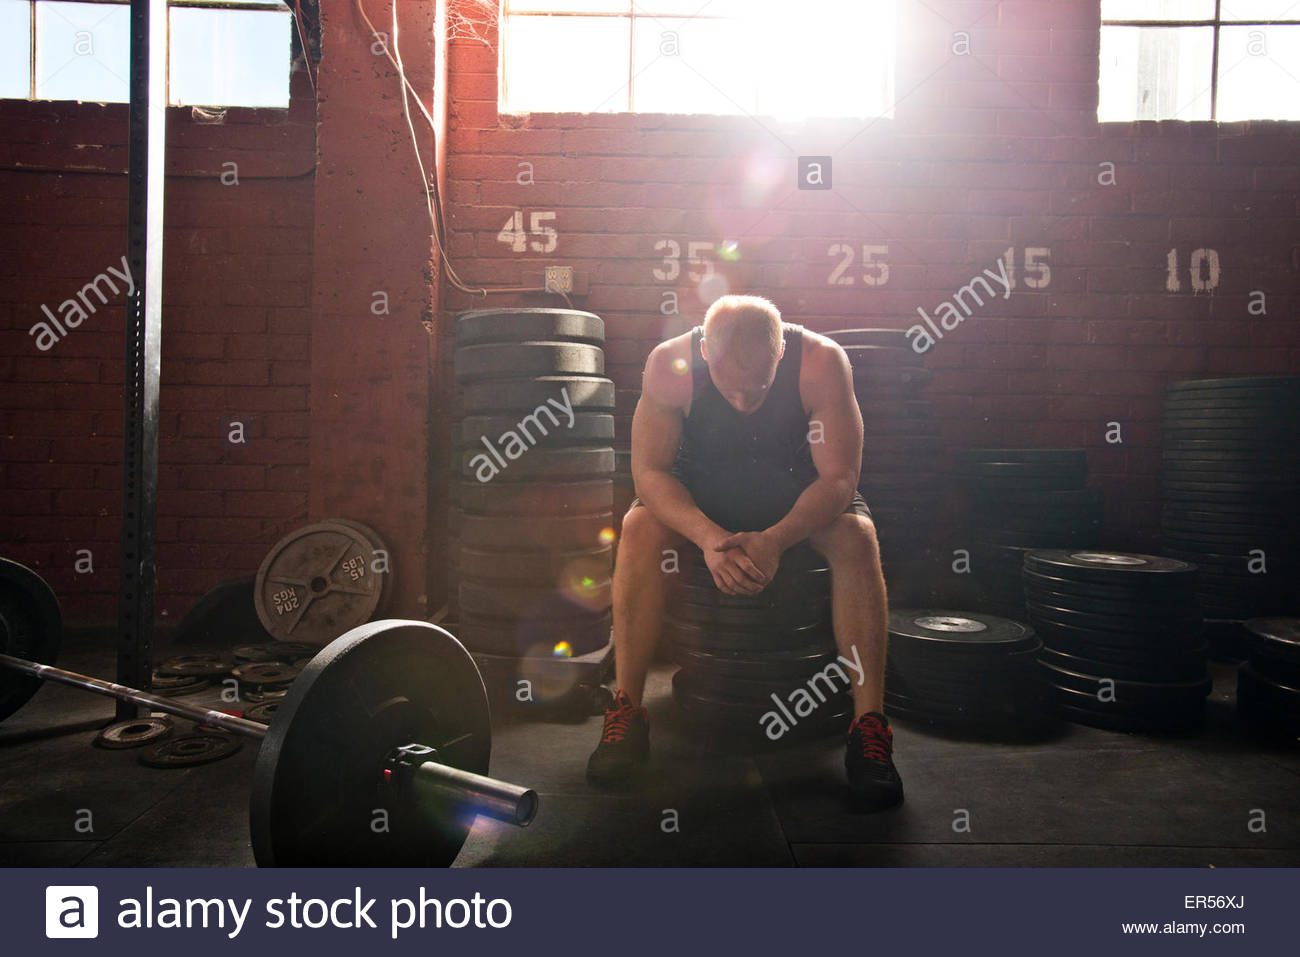 Un athlète crossfit repose après une séance. Photo Stock